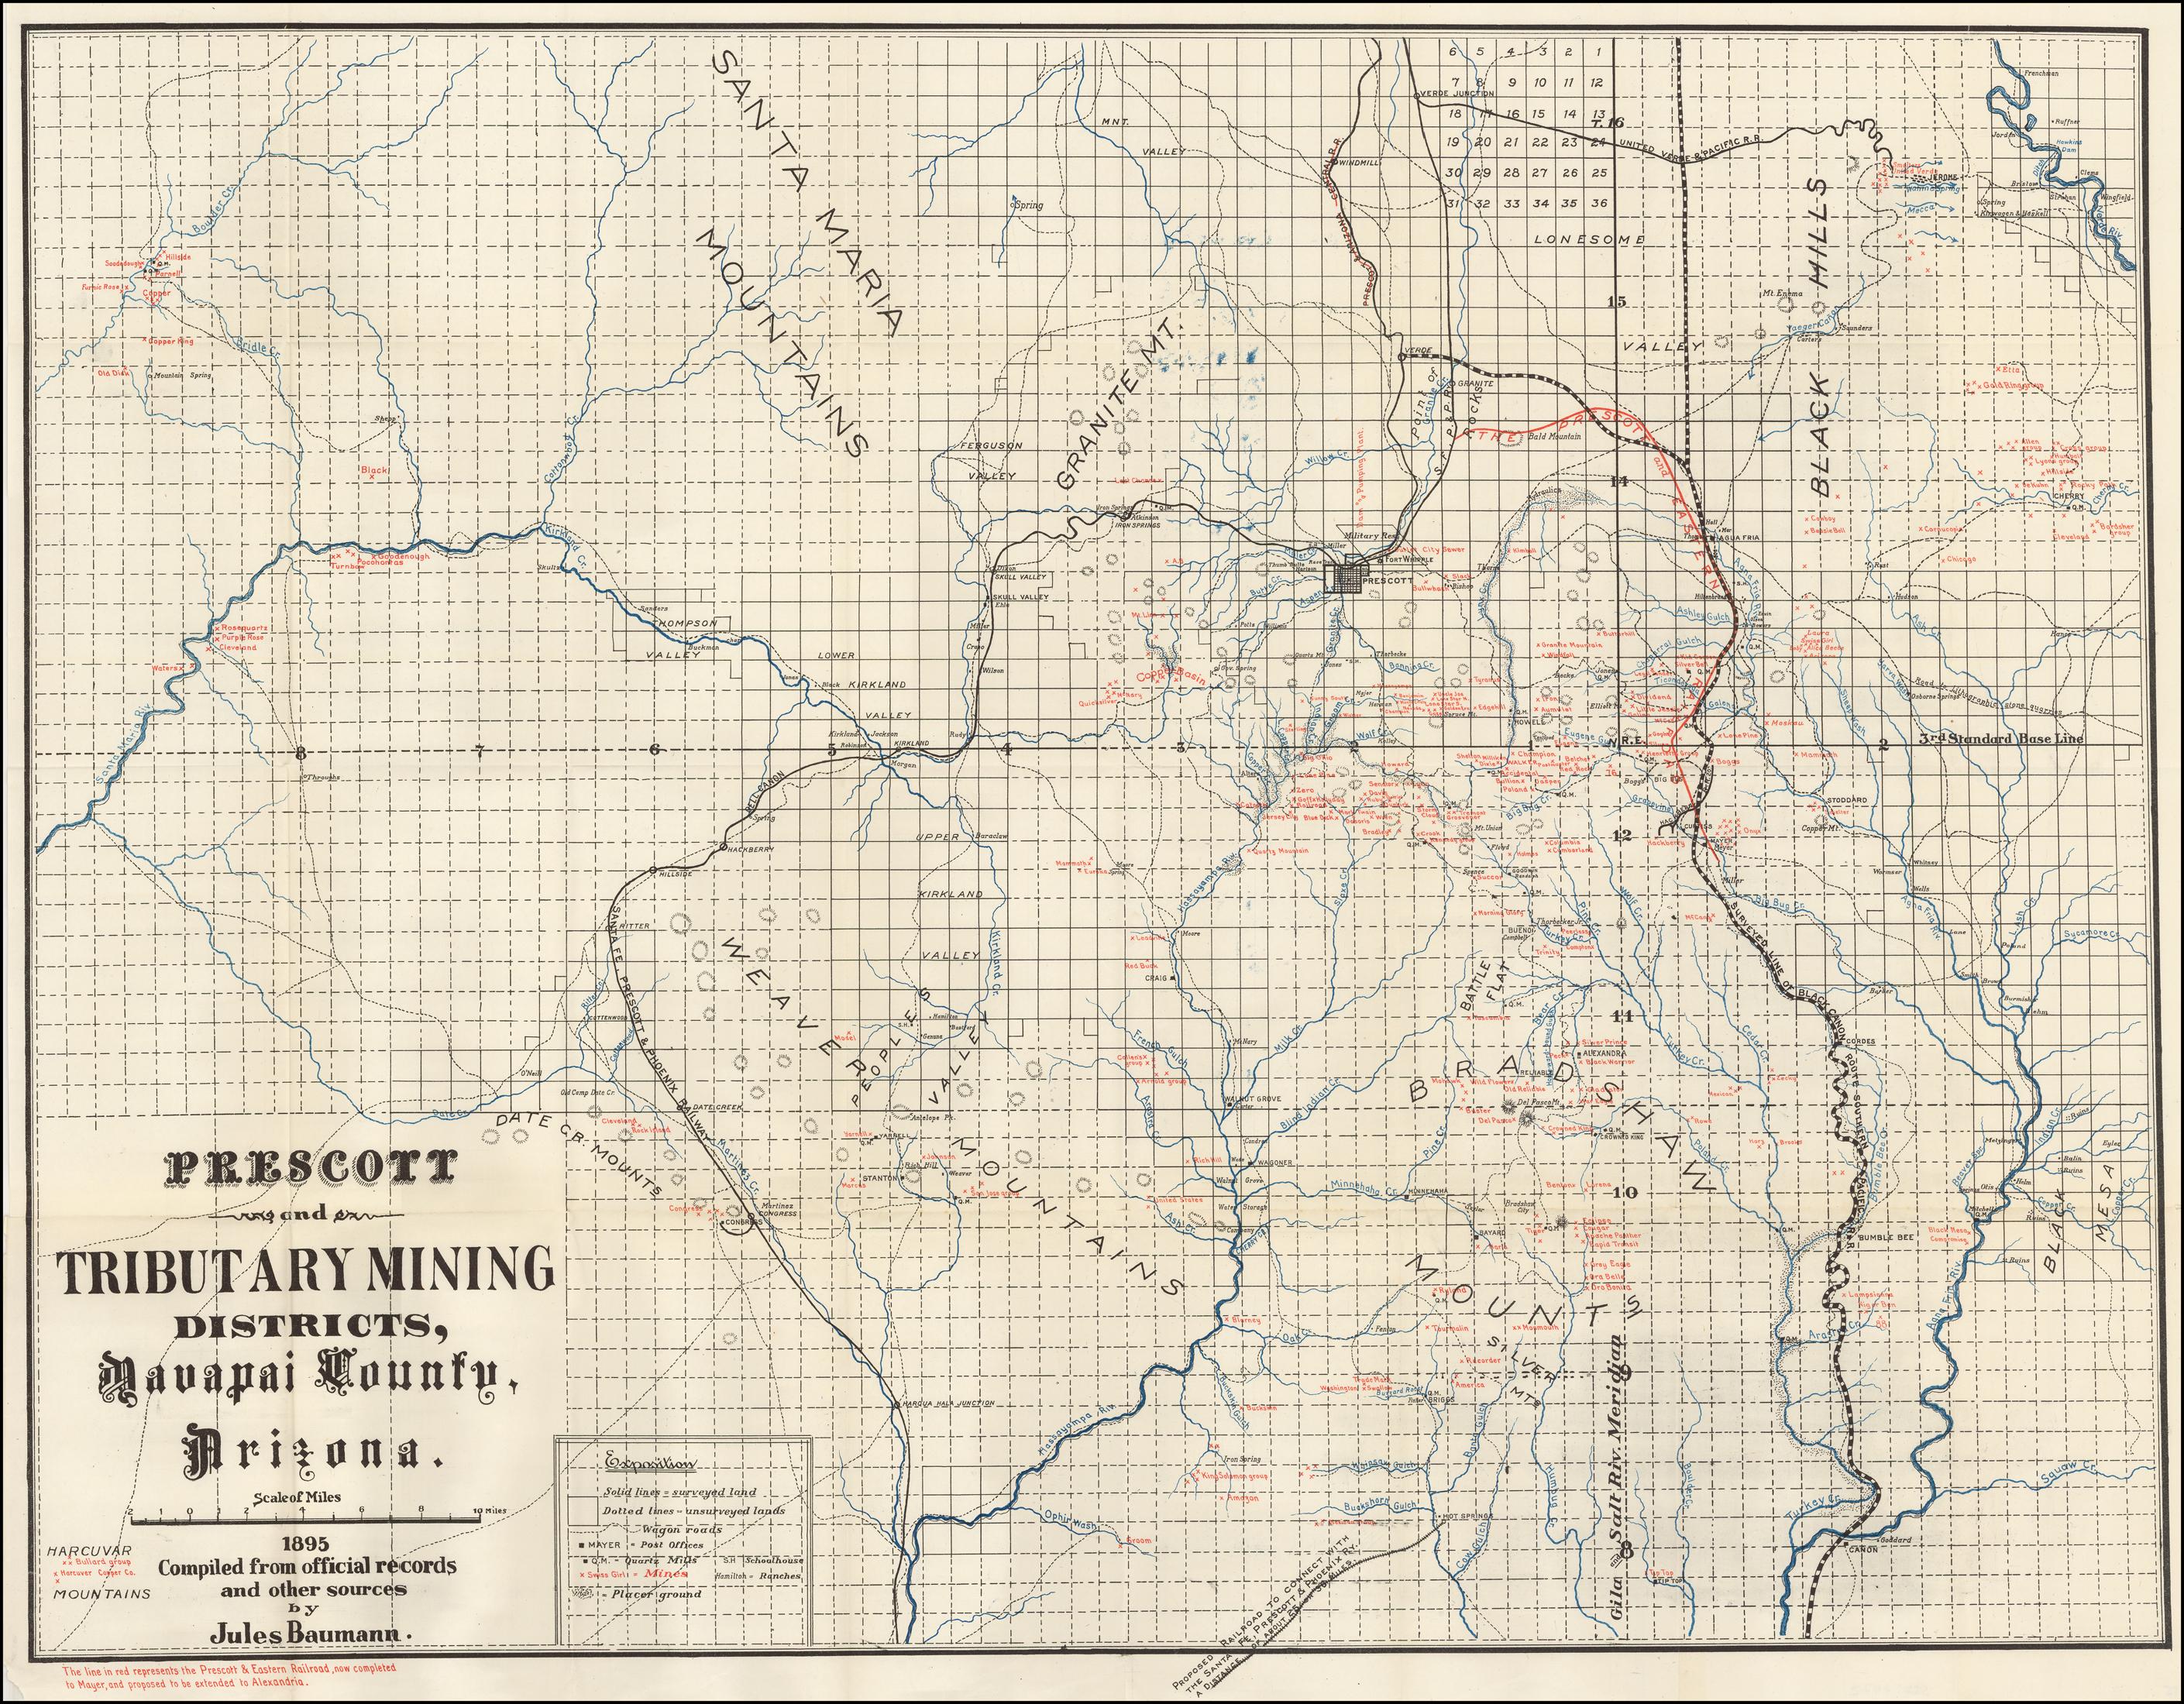 Yavapai County Arizona Railroad Maps on prescott arizona map, pinal county arizona map, sonora and arizona map, city of phoenix arizona map, state of arizona county map, cochise county arizona map, mingus mountain arizona map, arizona large color map, coconino county arizona map, mohave county arizona map, arizona county lines map, flagstaff arizona map, san juan county arizona map, mount baldy arizona map, apache county arizona map, gila county arizona map, navajo county arizona map, city of cottonwood arizona map, sun city arizona zip code map, black canyon city arizona map,